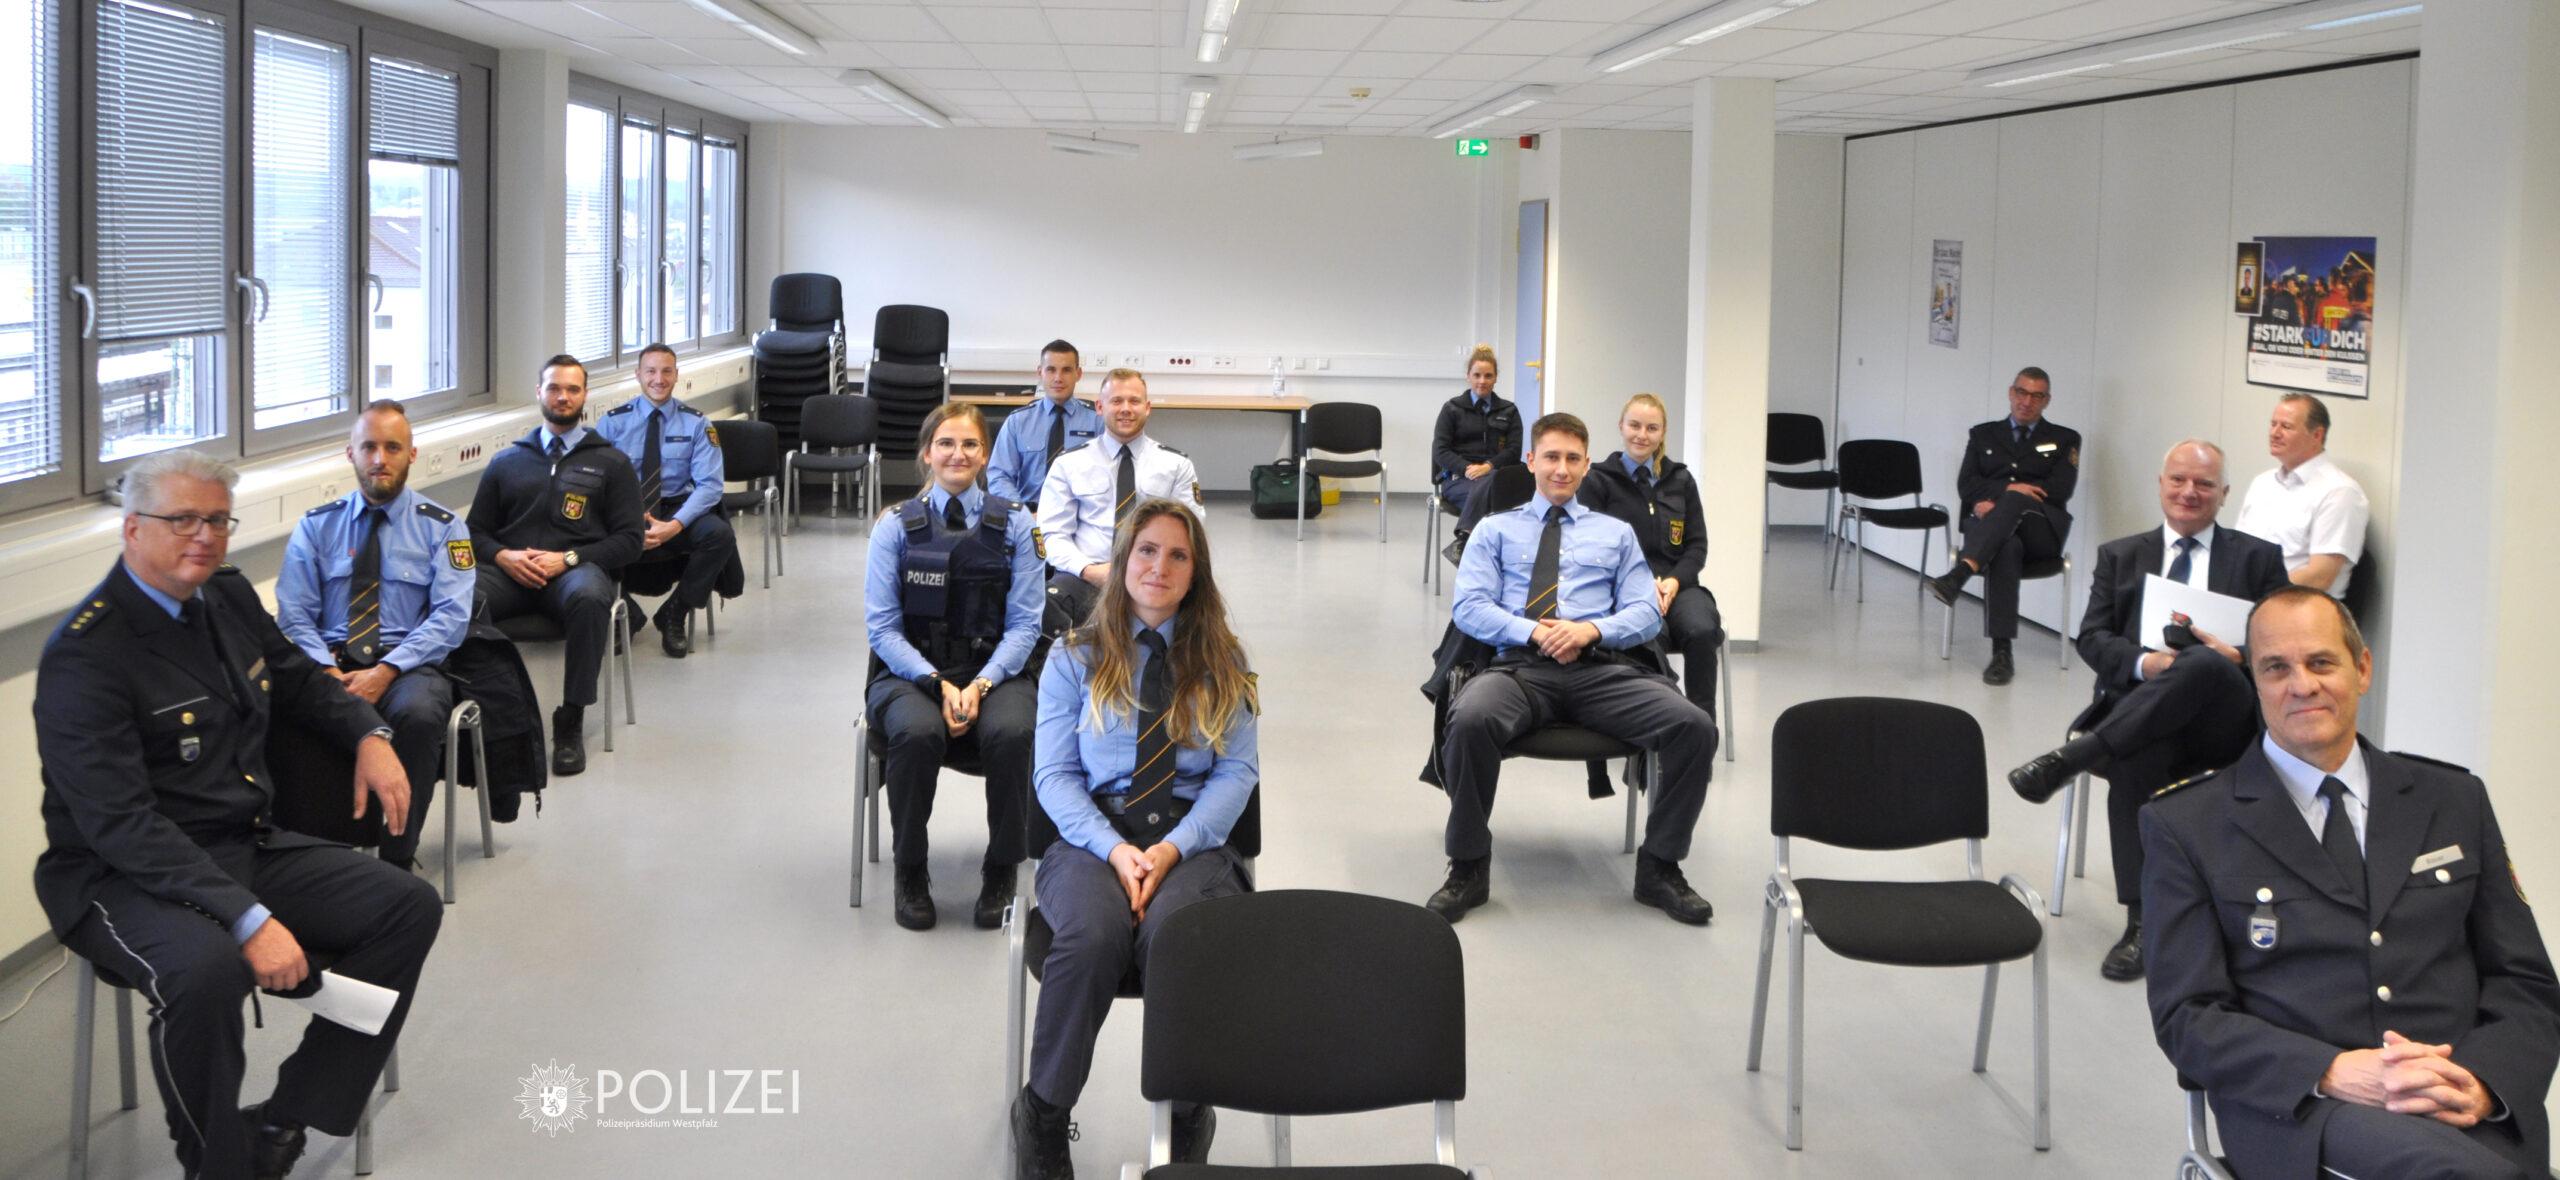 29 neue Polizistinnen und Polizisten im Polizeipräsidium Westpfalz